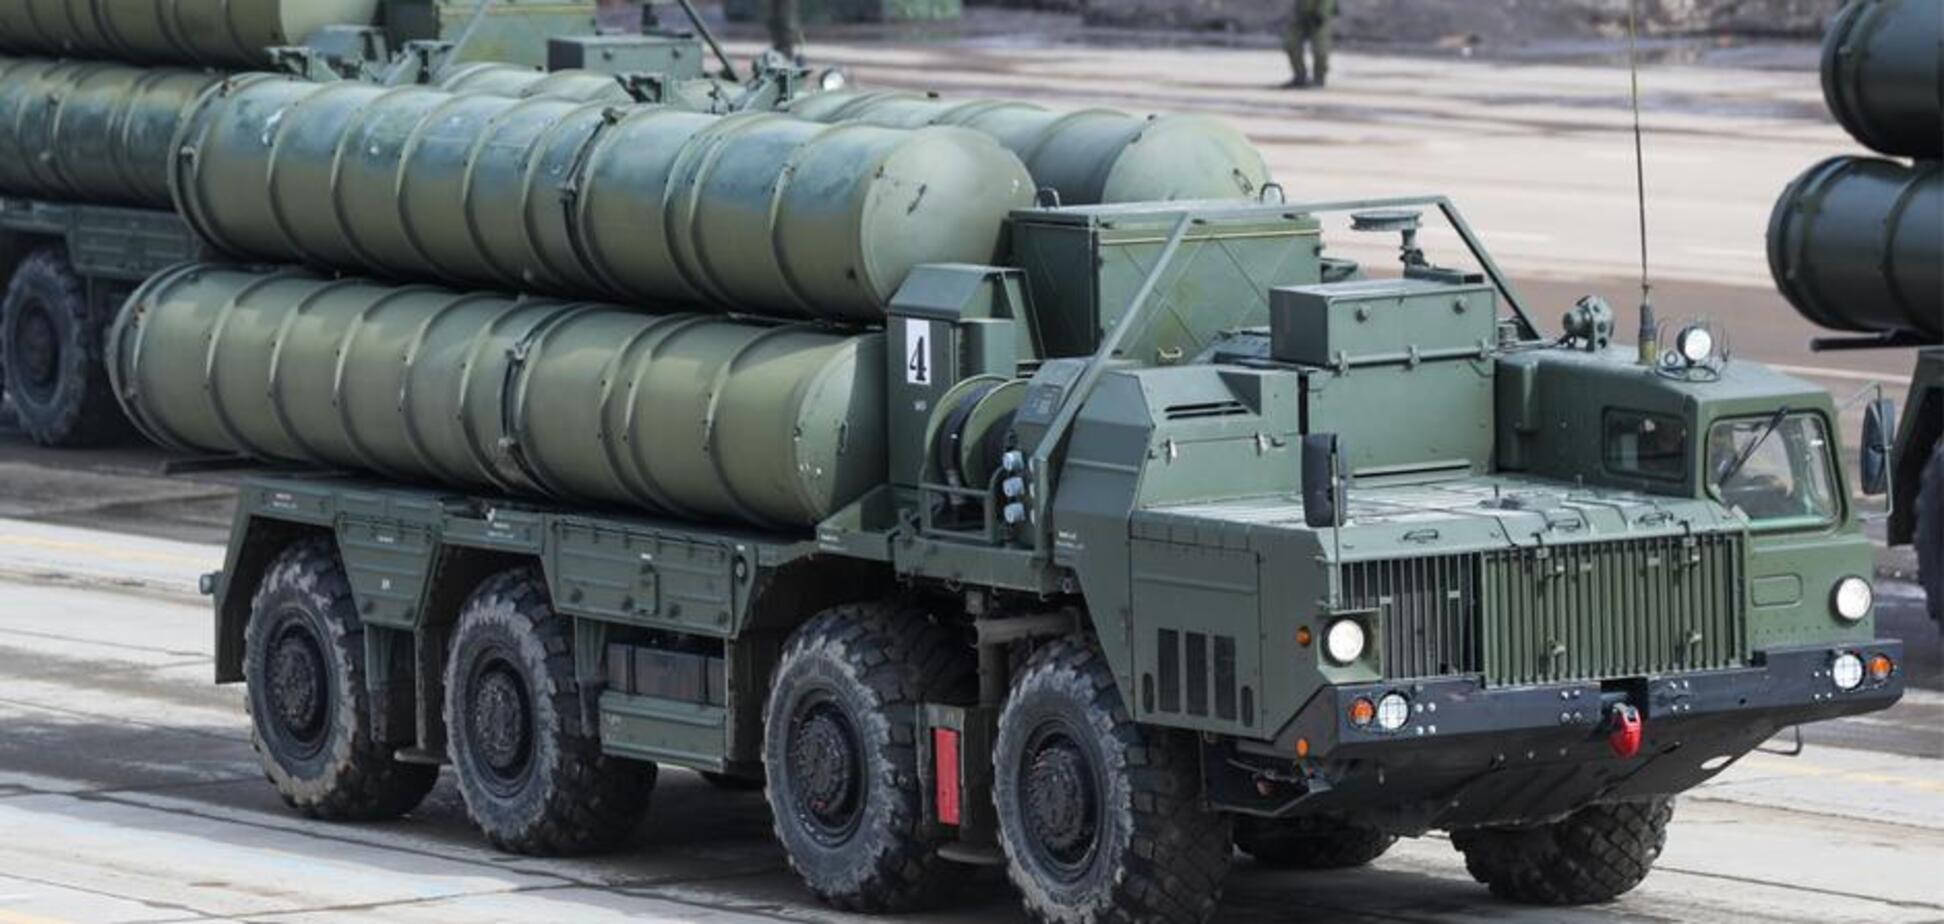 Треть российского бюджета идет на подготовку будущей войны в Европе